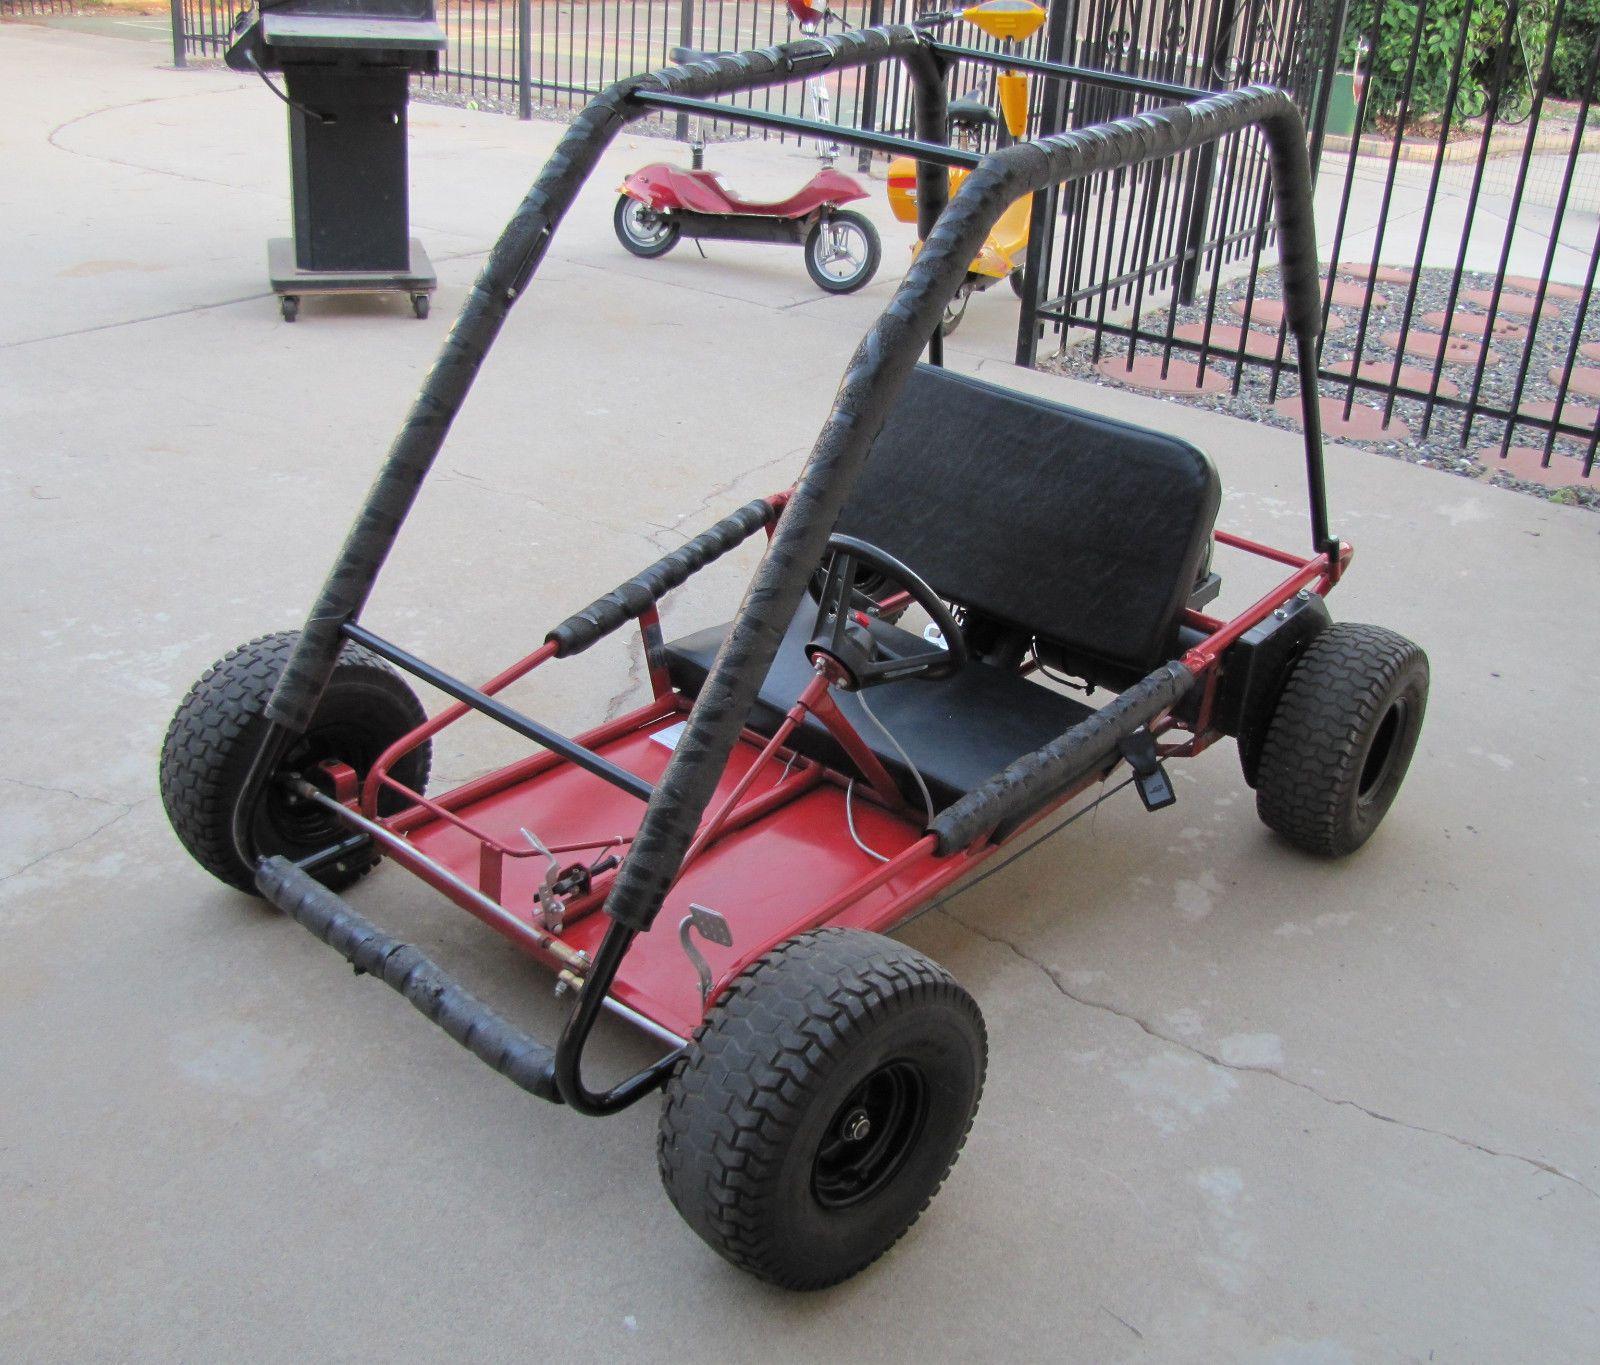 details about working kango electric go kart go cart. Black Bedroom Furniture Sets. Home Design Ideas